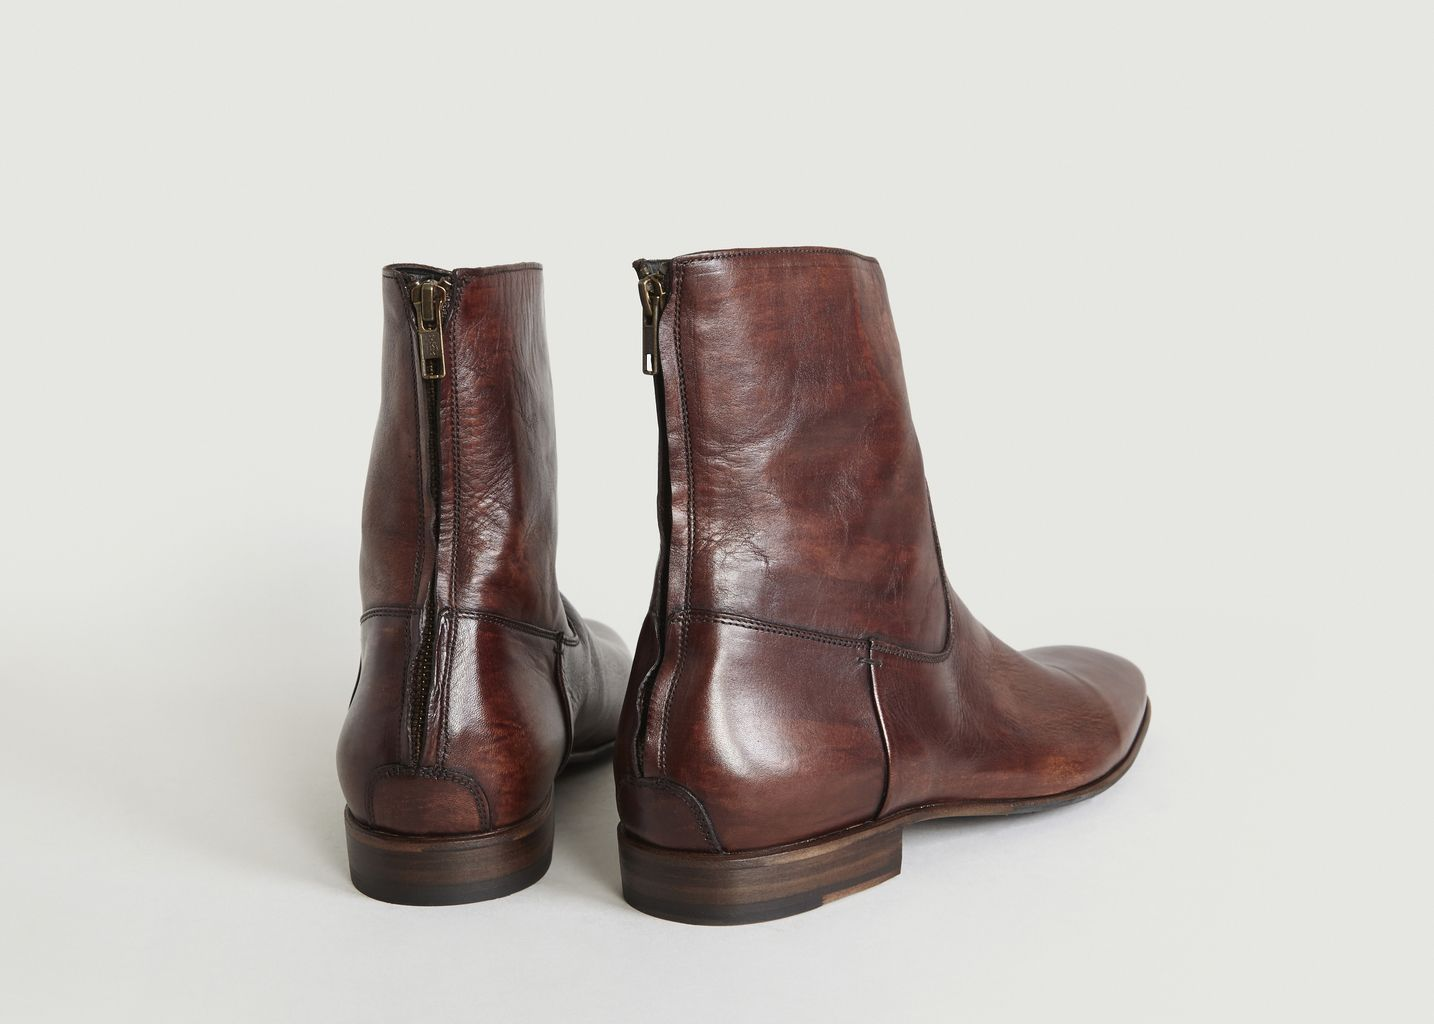 Boots Mac Gill - Pete Sorensen